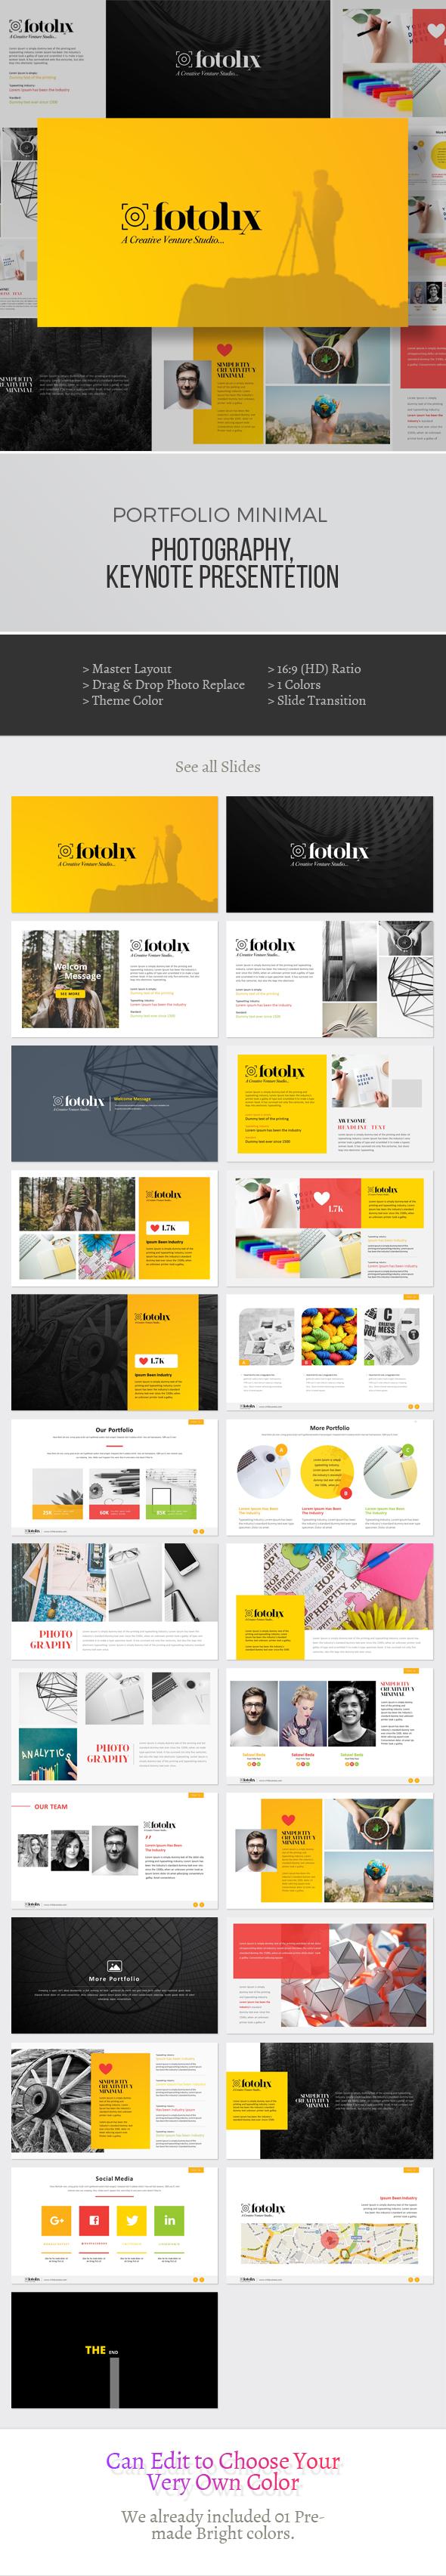 Portfolio & Photography Keynote Presentation - Keynote Templates Presentation Templates